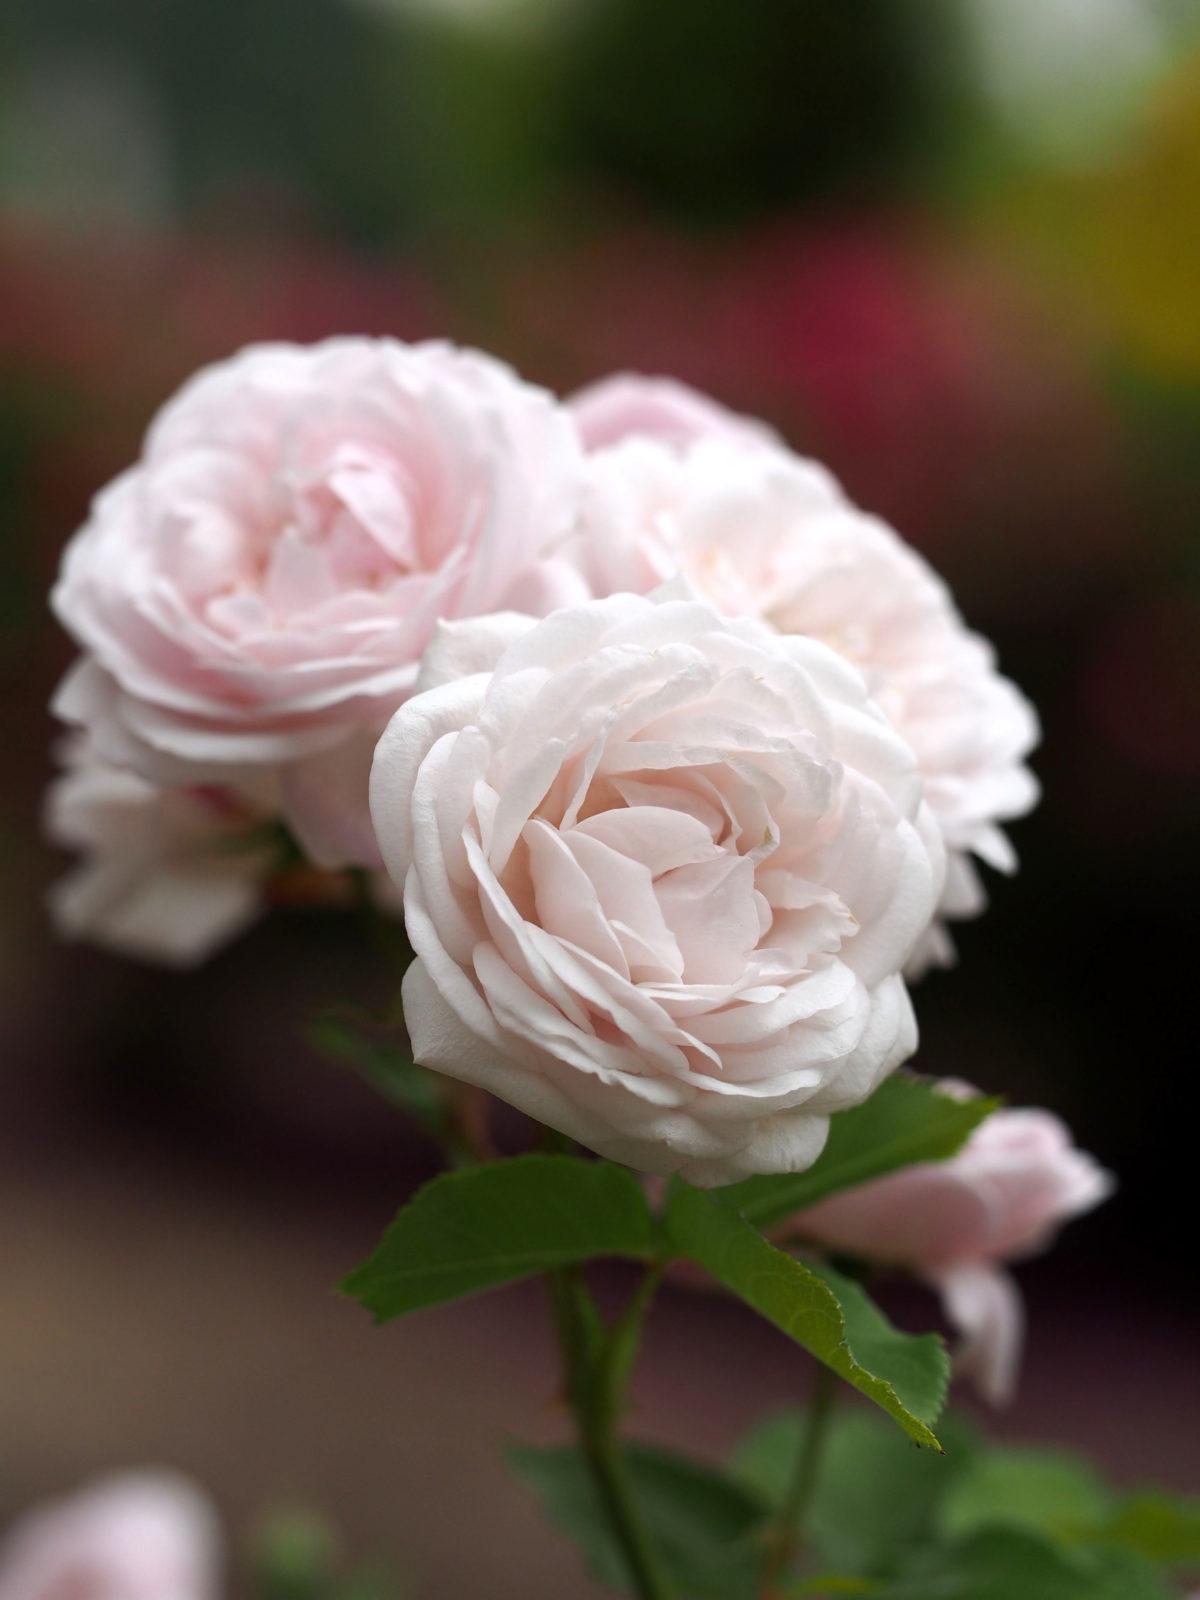 Des roses blanches pour Eunice, une femme prostituée victime de féminicide